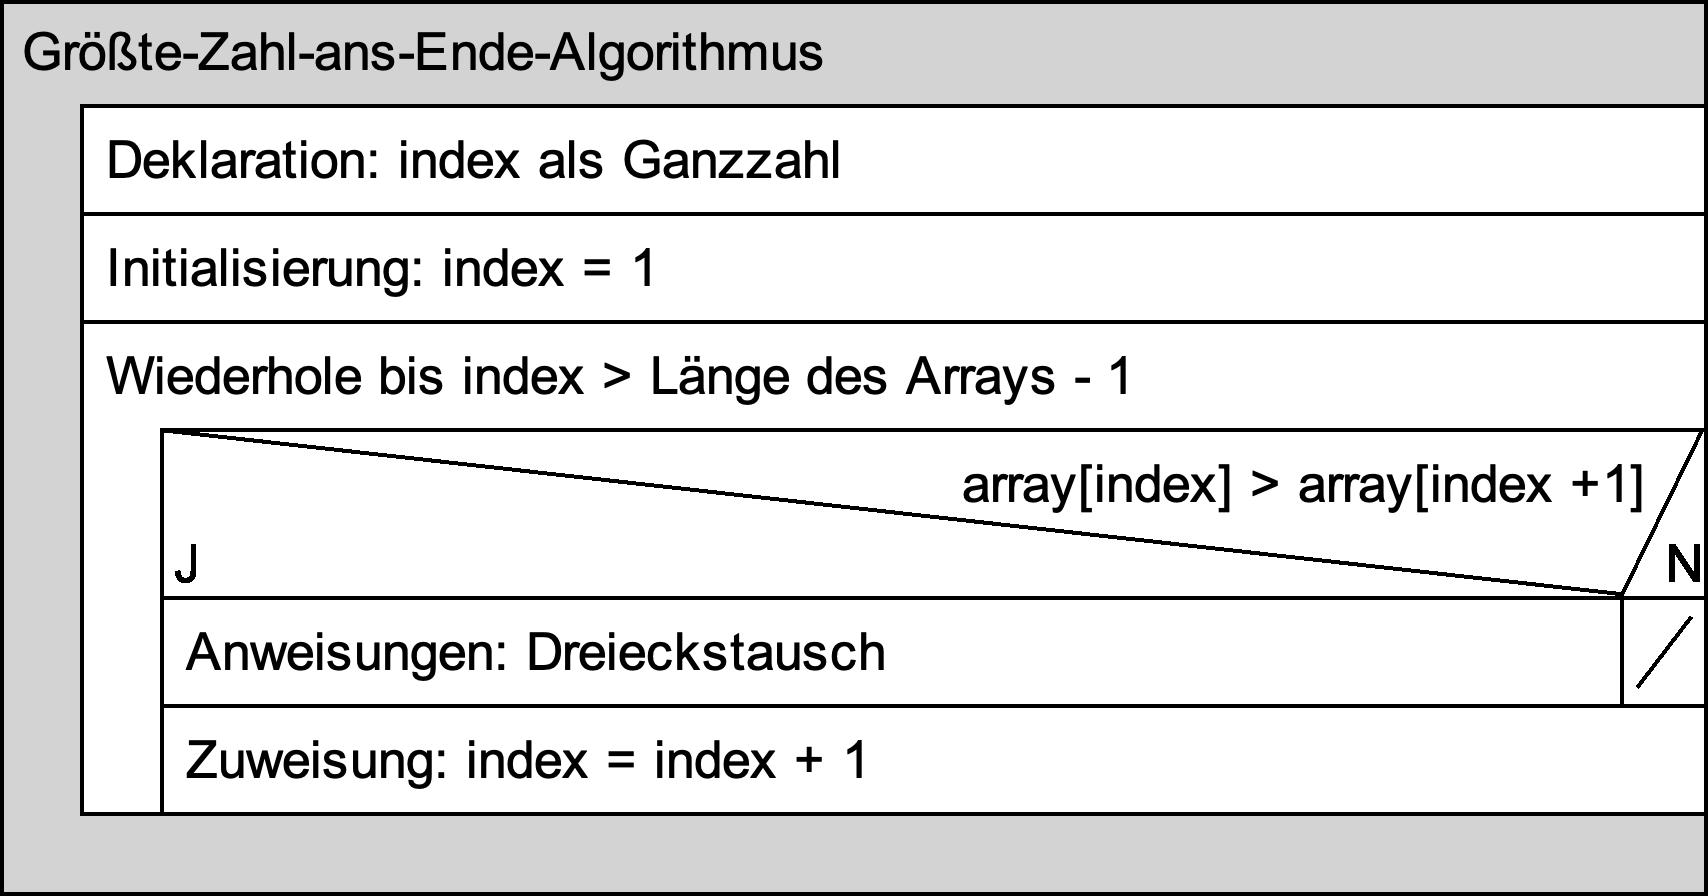 Struktogramm: Größte Zahl ans Ende-Algorithmus